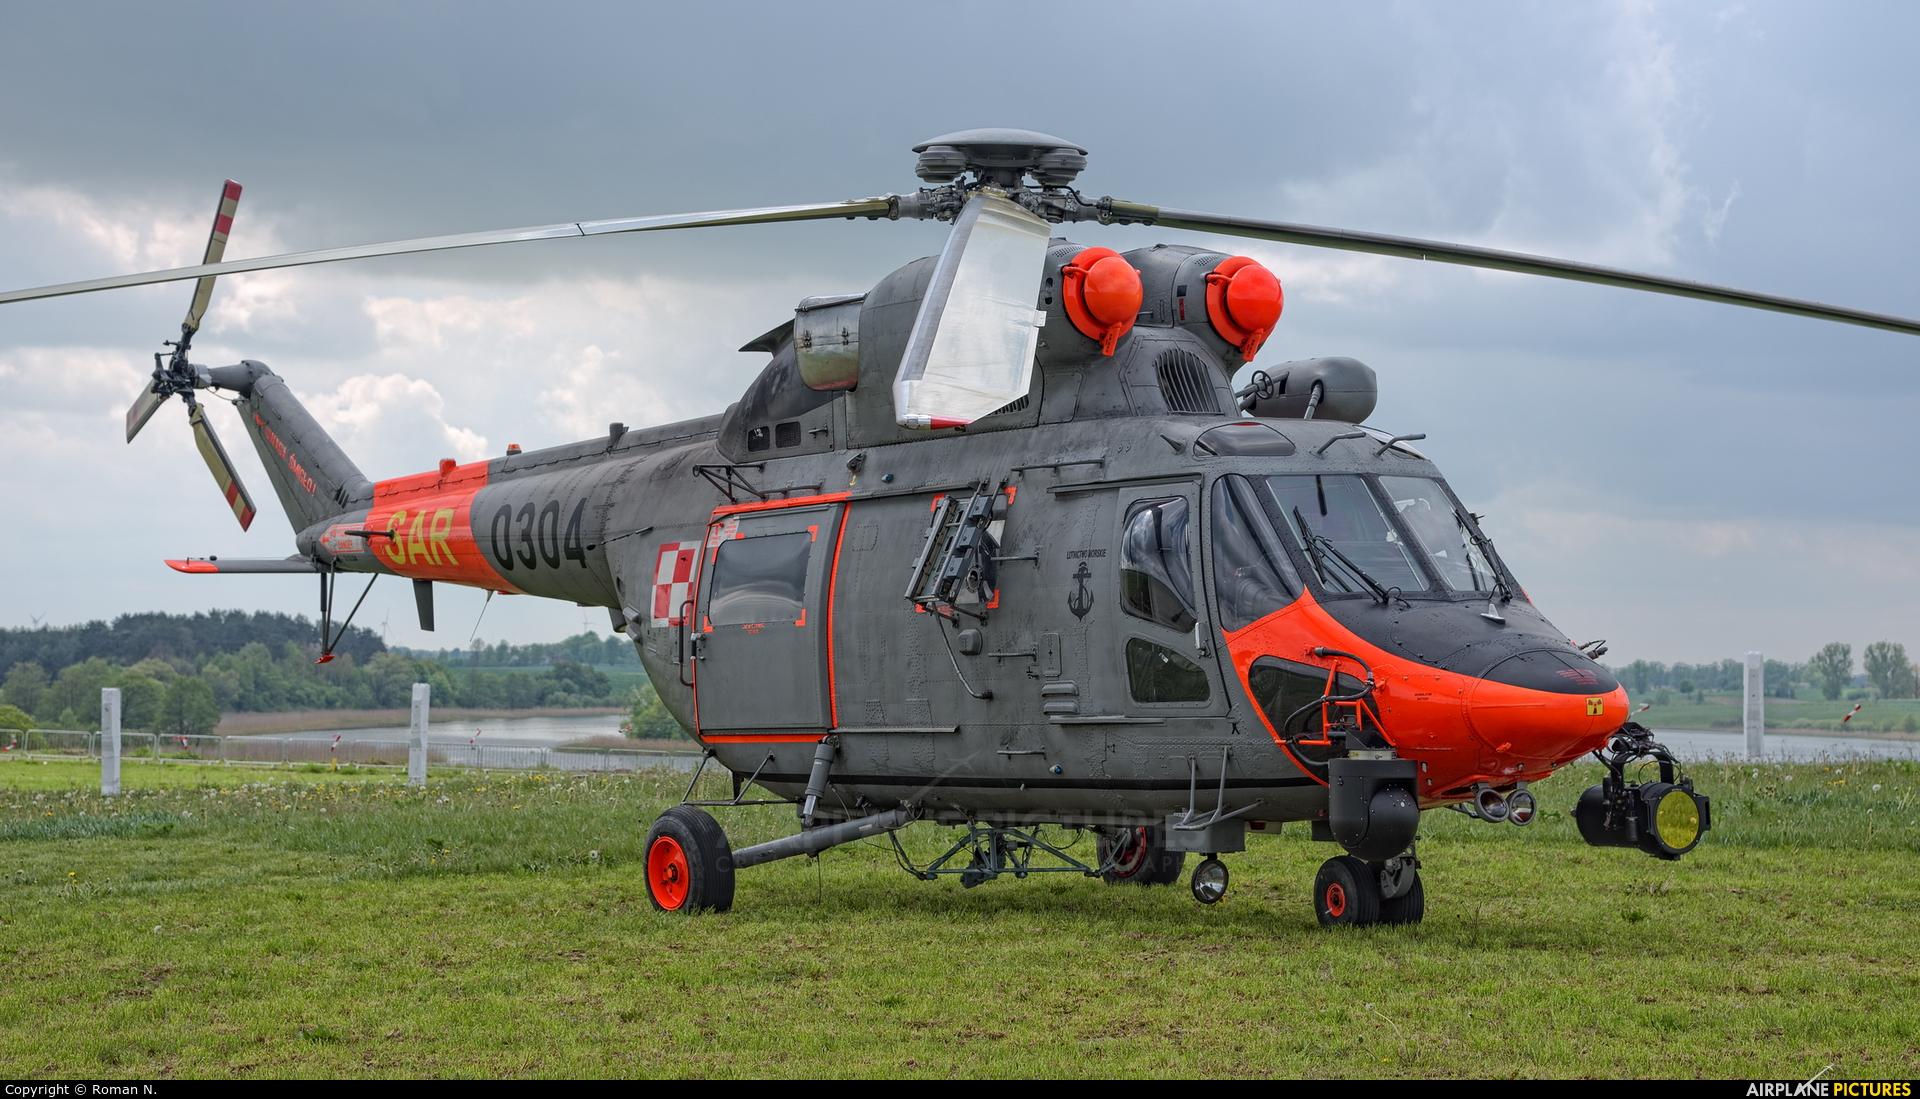 Poland - Navy 0304 aircraft at Off Airport - Poland